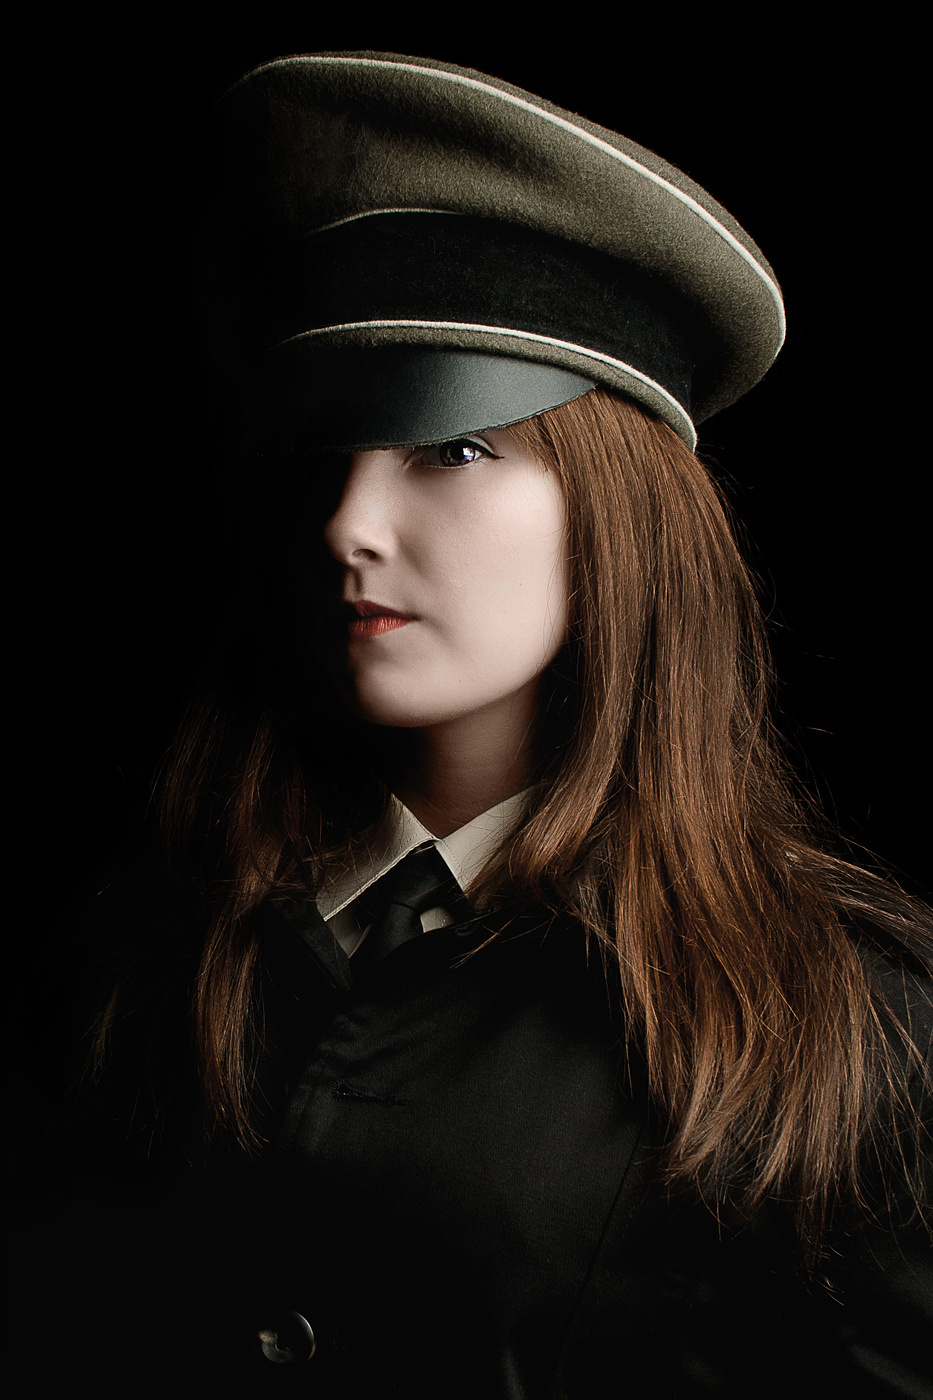 Девушка фашистка фото